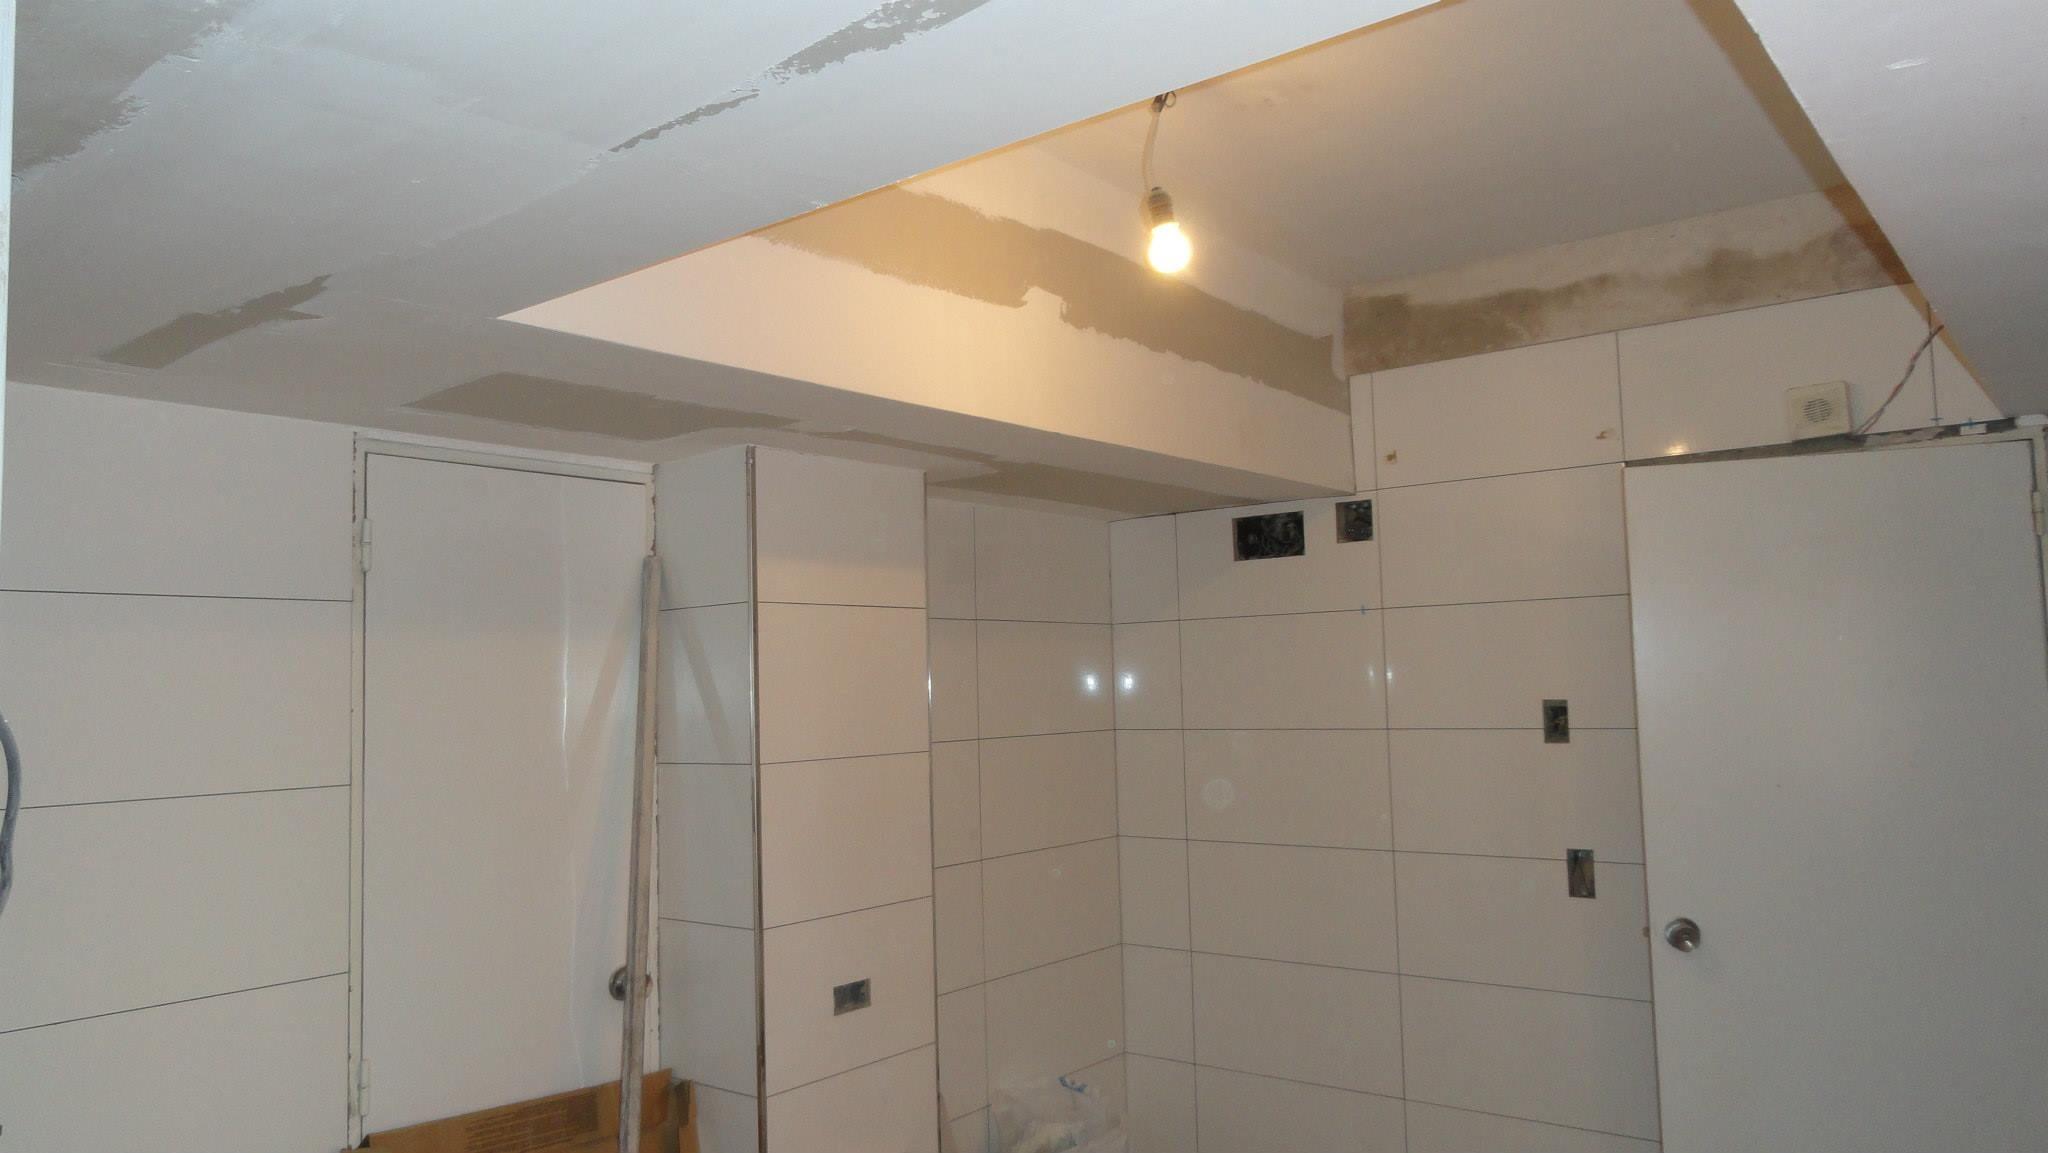 azulejo blanco rectificado para las paredes